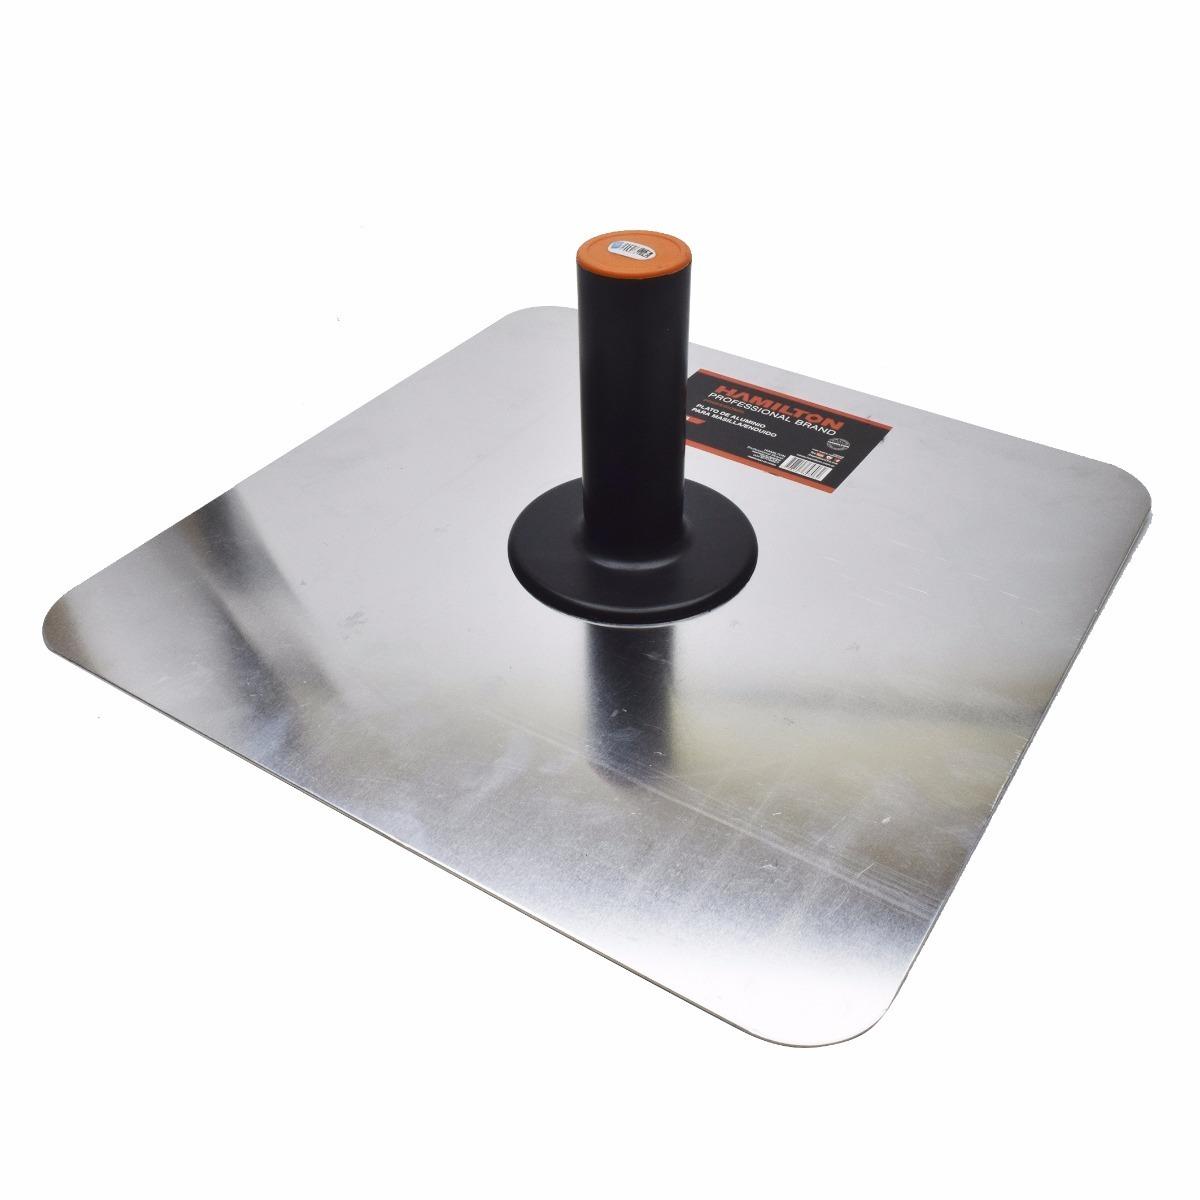 kit herramientas construccion en seco durlock hamilton. Cargando zoom. aac808093a43